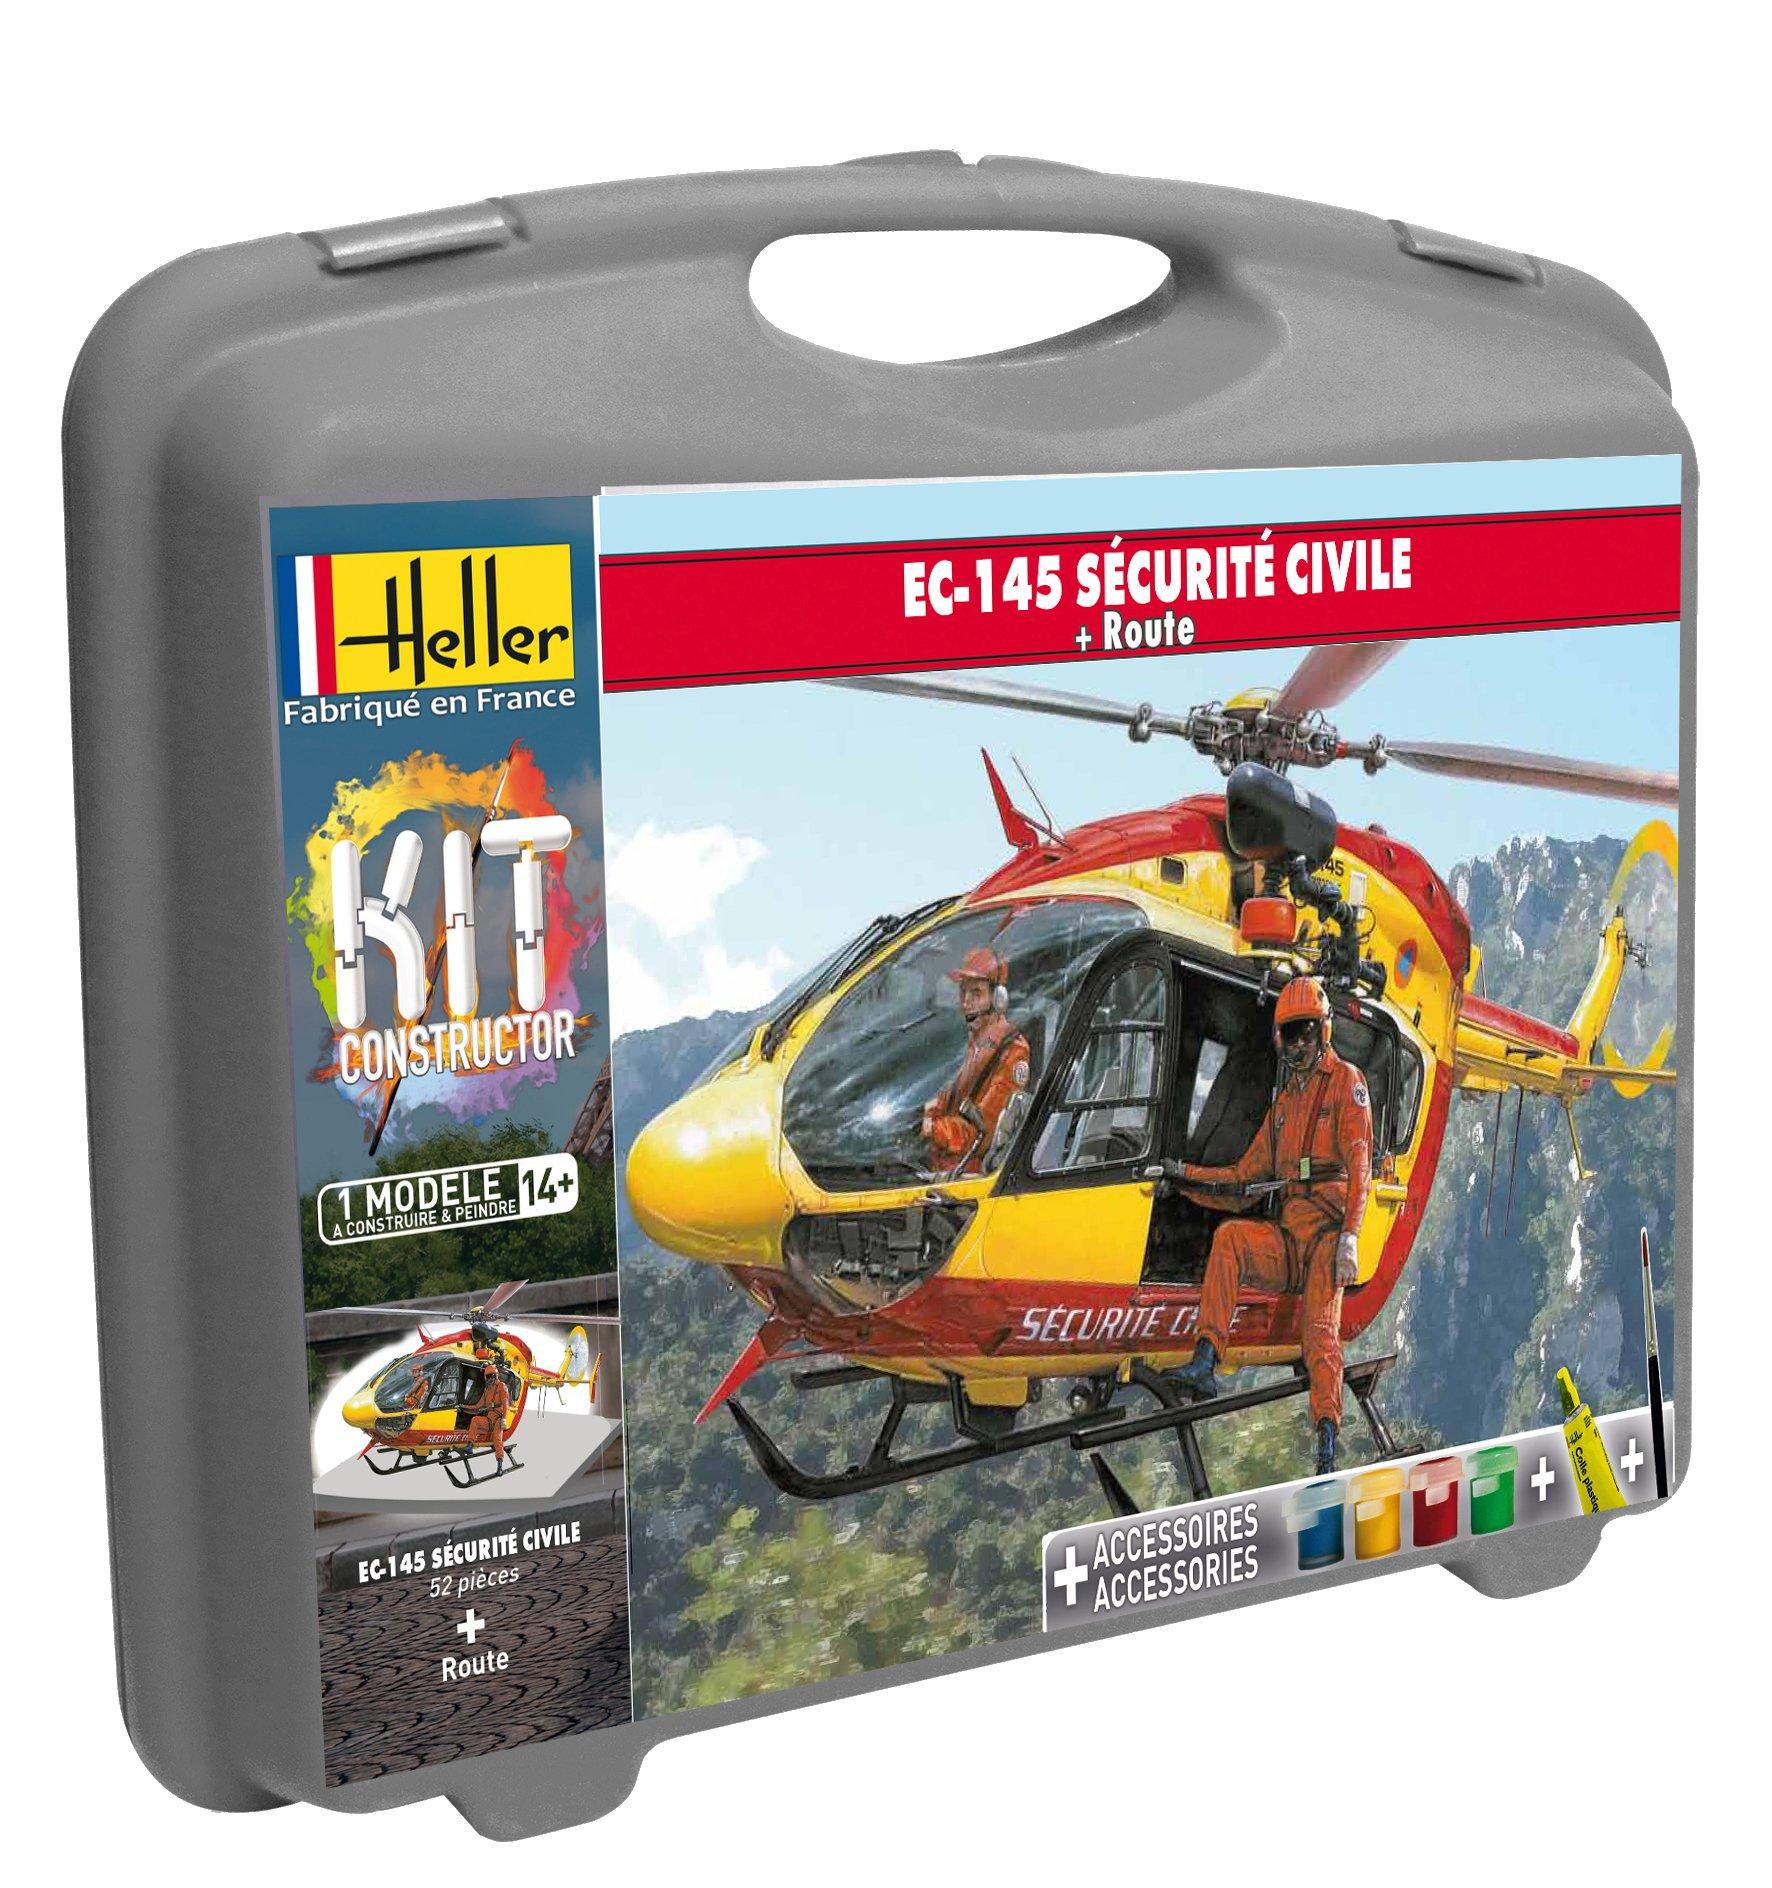 Maquette Eurocopter EC-145 sécurité civile - Heller